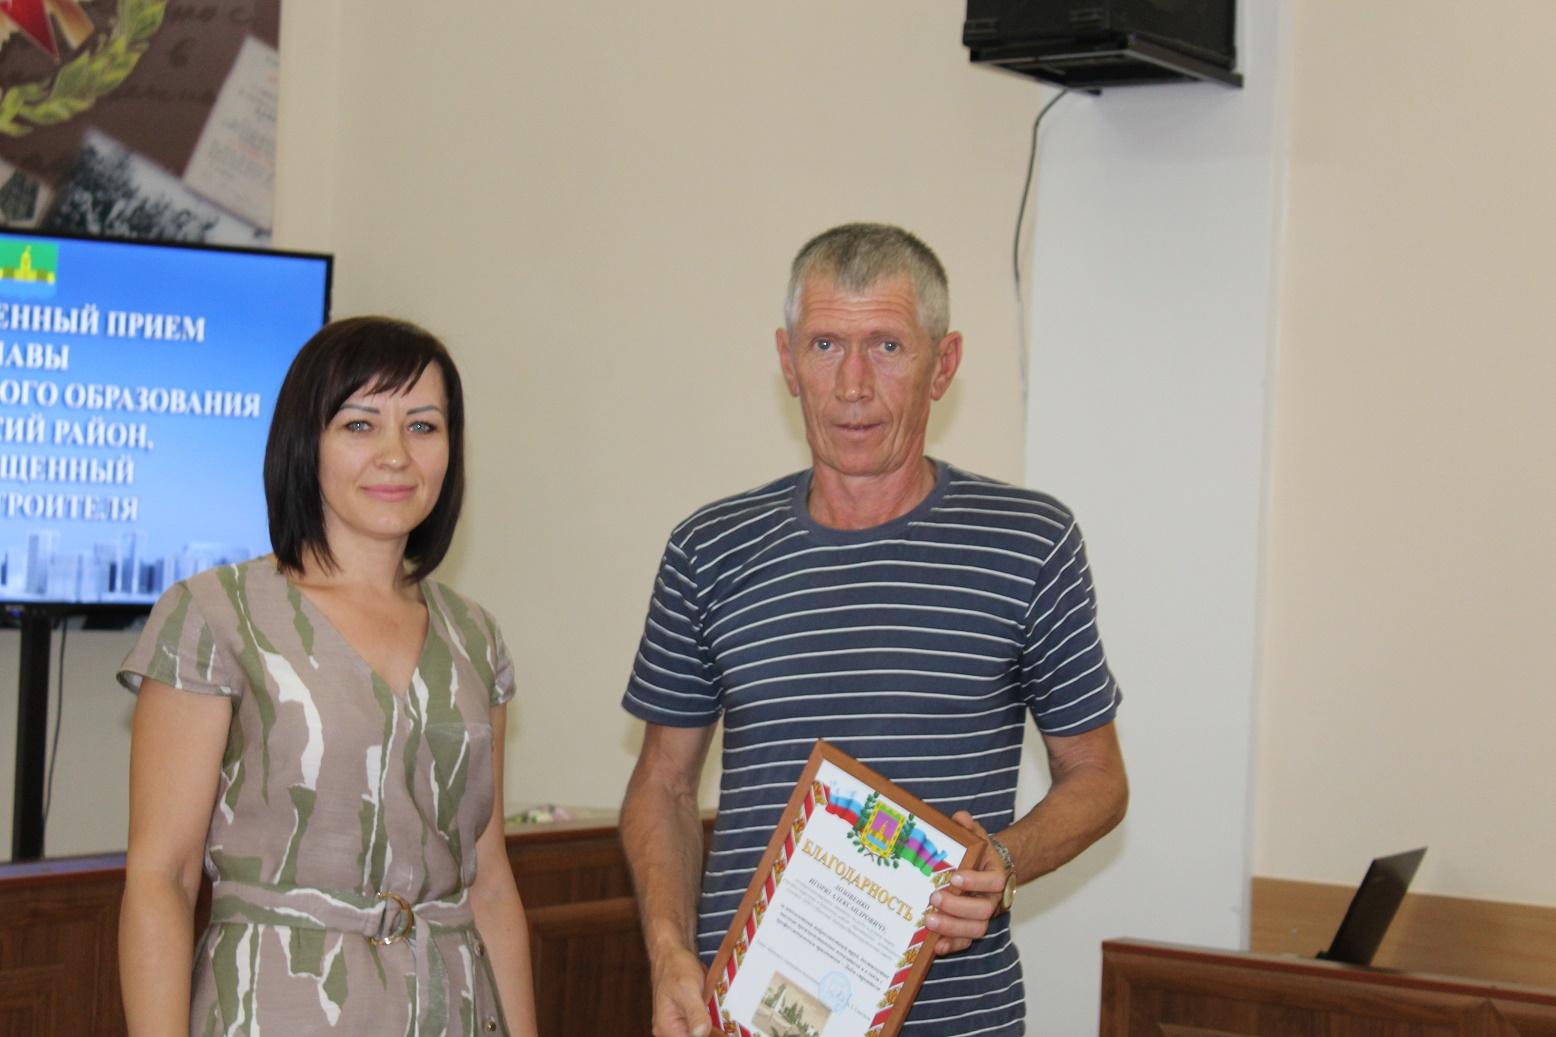 В Абинске прошел прием главы района, посвященный Дню строителя